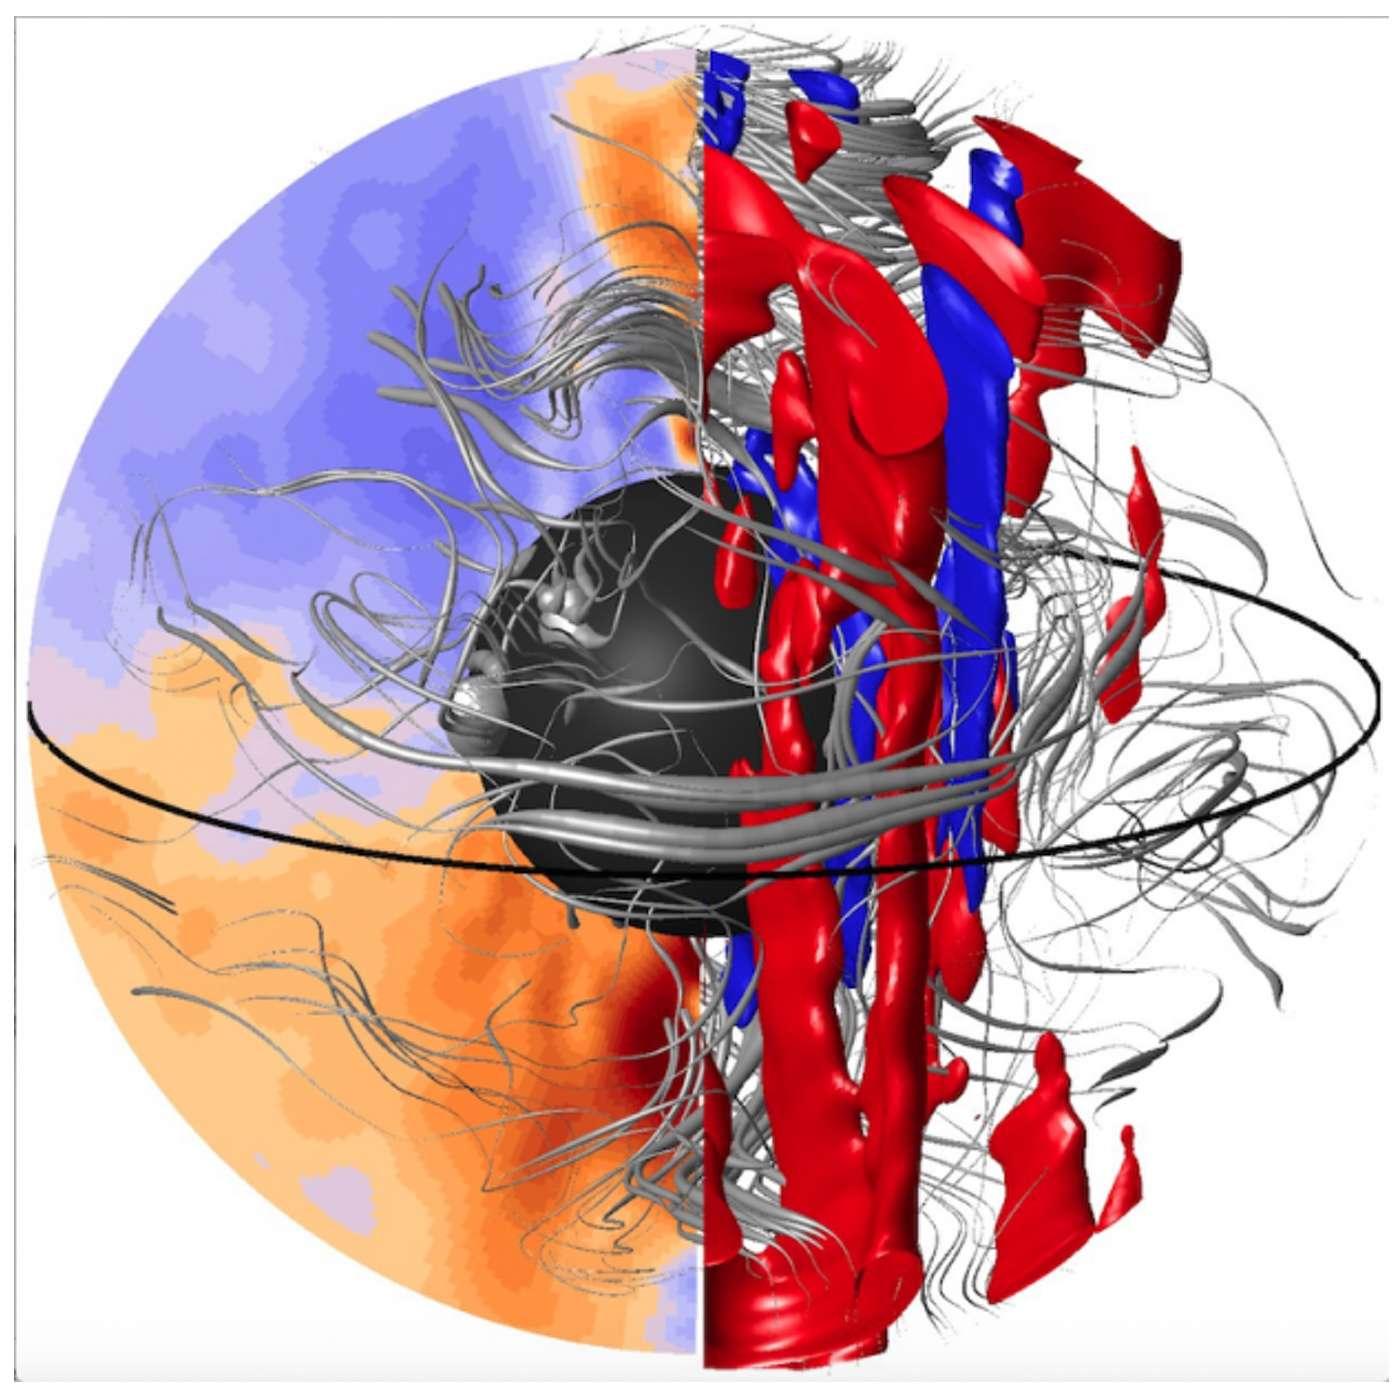 La structure dynamique interne du noyau, estimée à partir des observations de surface et du comportement d'un modèle informatique de la géodynamo. Les structures tourbillonnaires de l'écoulement sont représentées en rouge et en bleu. Le champ magnétique interne est représenté en orange et violet, ainsi que par des lignes de champ dans le volume qui sont tordues par l'écoulement. © Julien Aubert, IPGP/CNRS